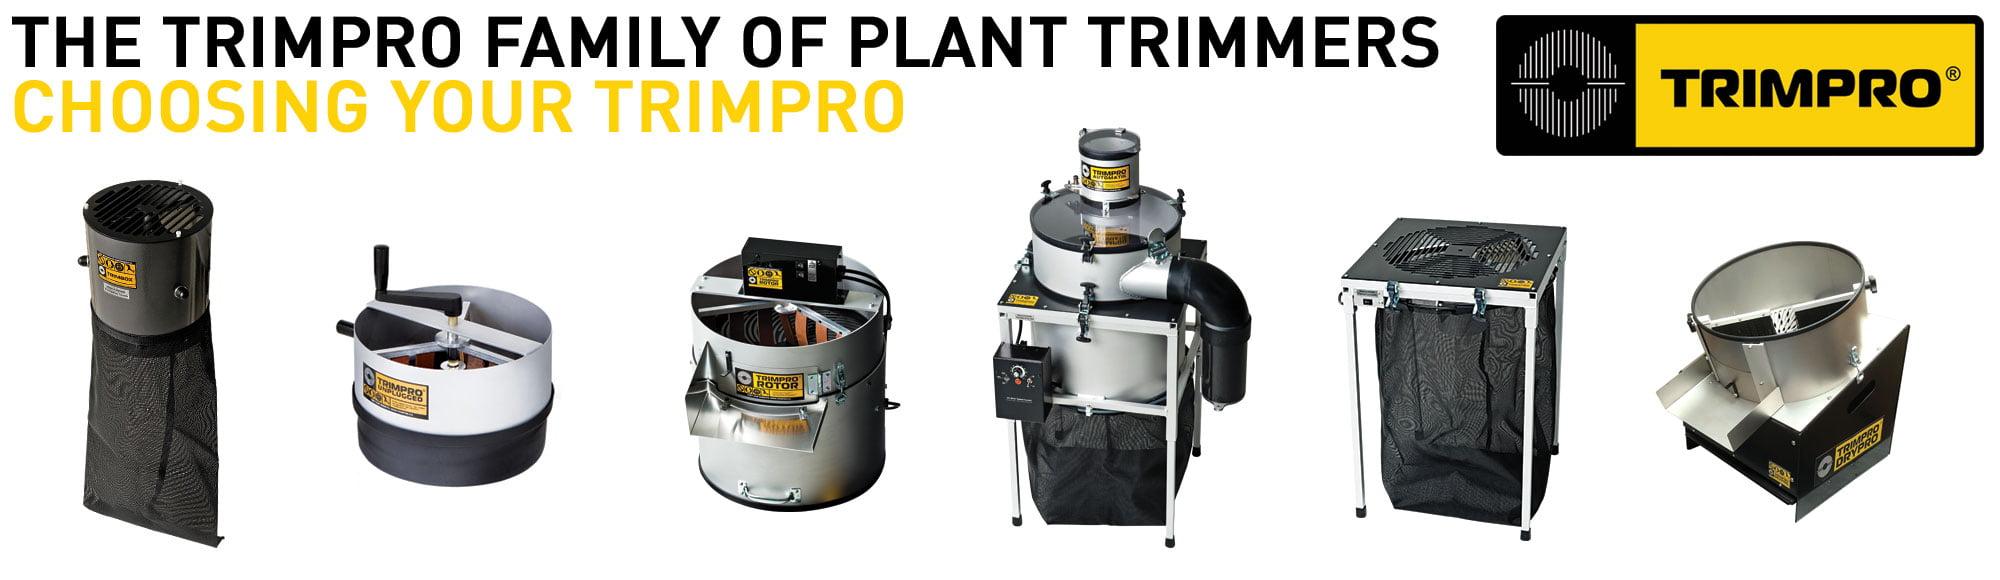 2000x580-TrimproFamily